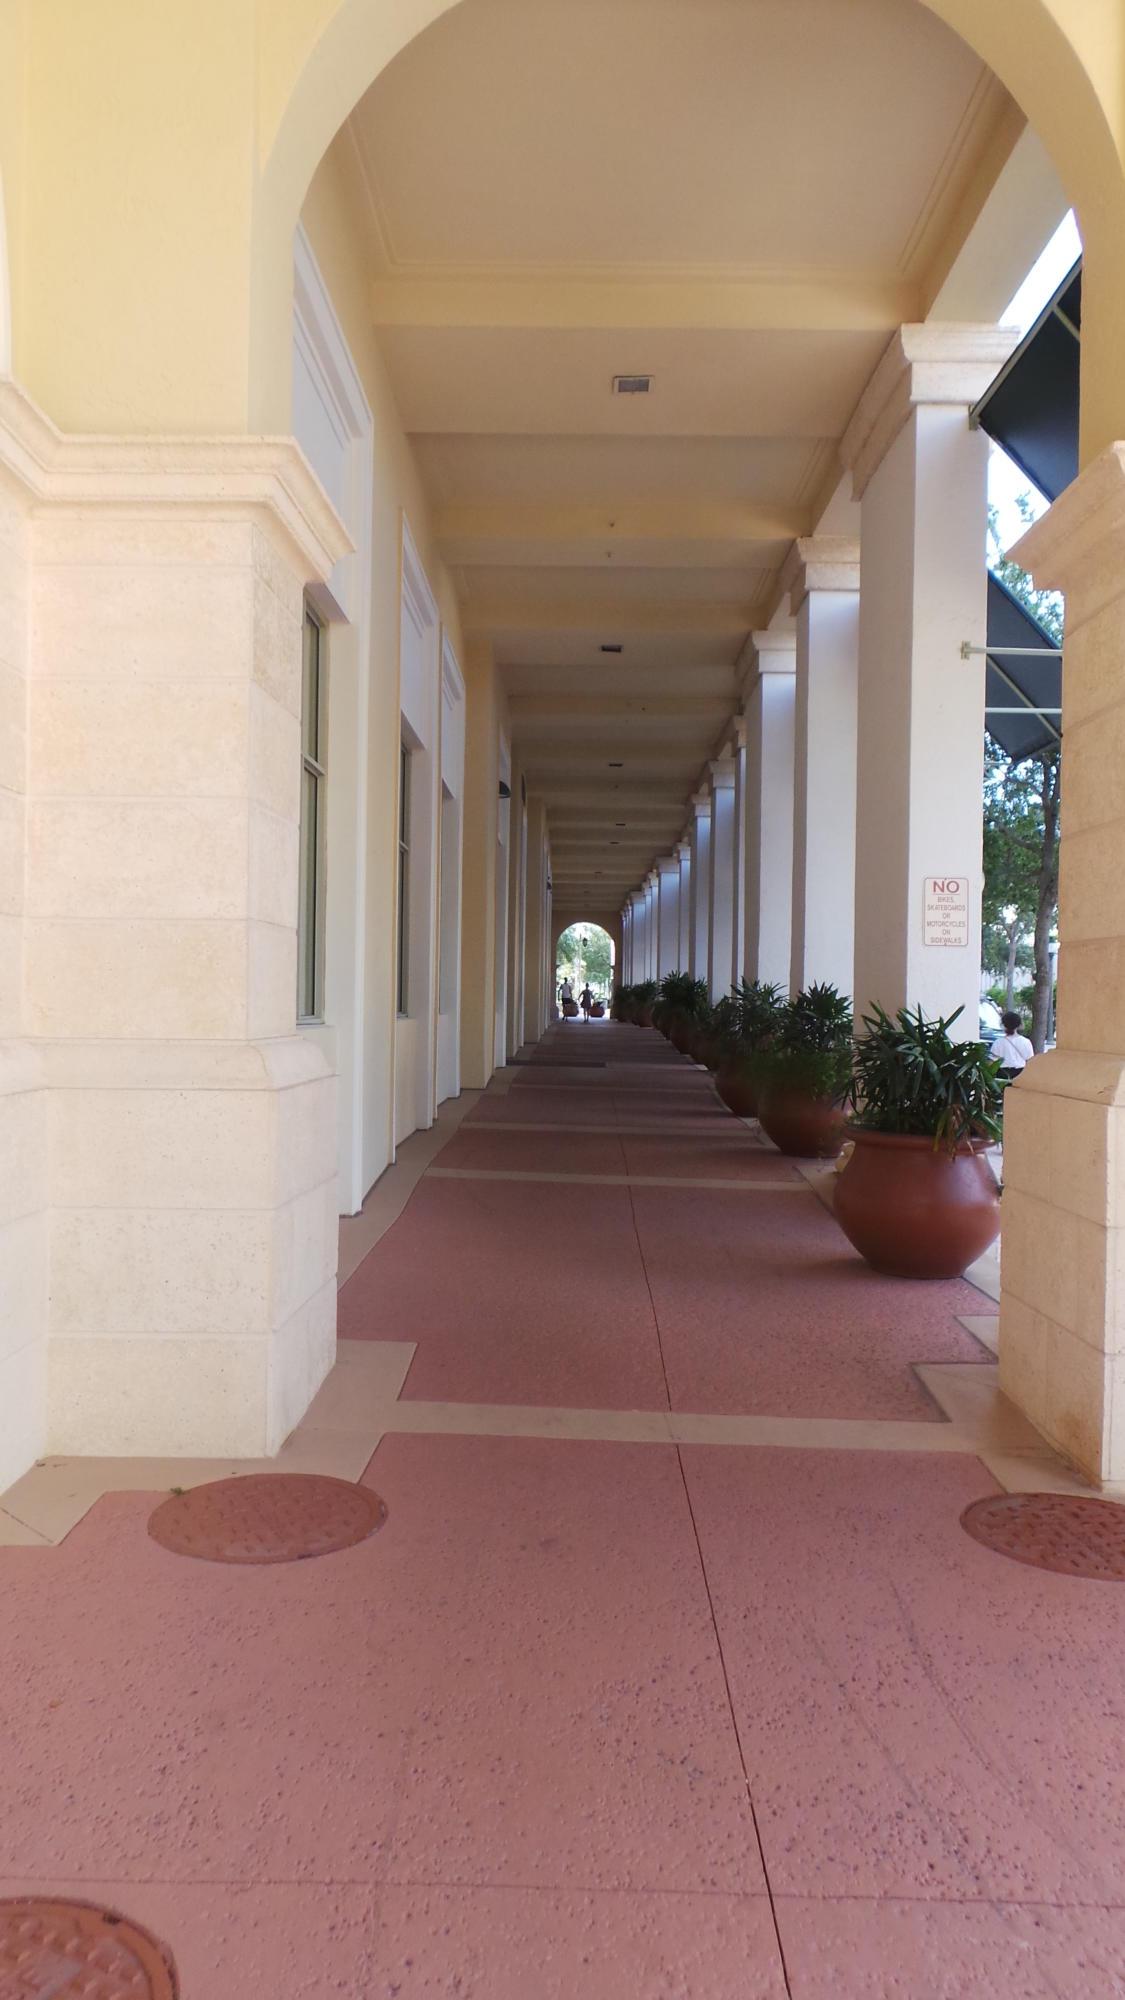 610 Clematis Street 536 West Palm Beach, FL 33401 photo 59